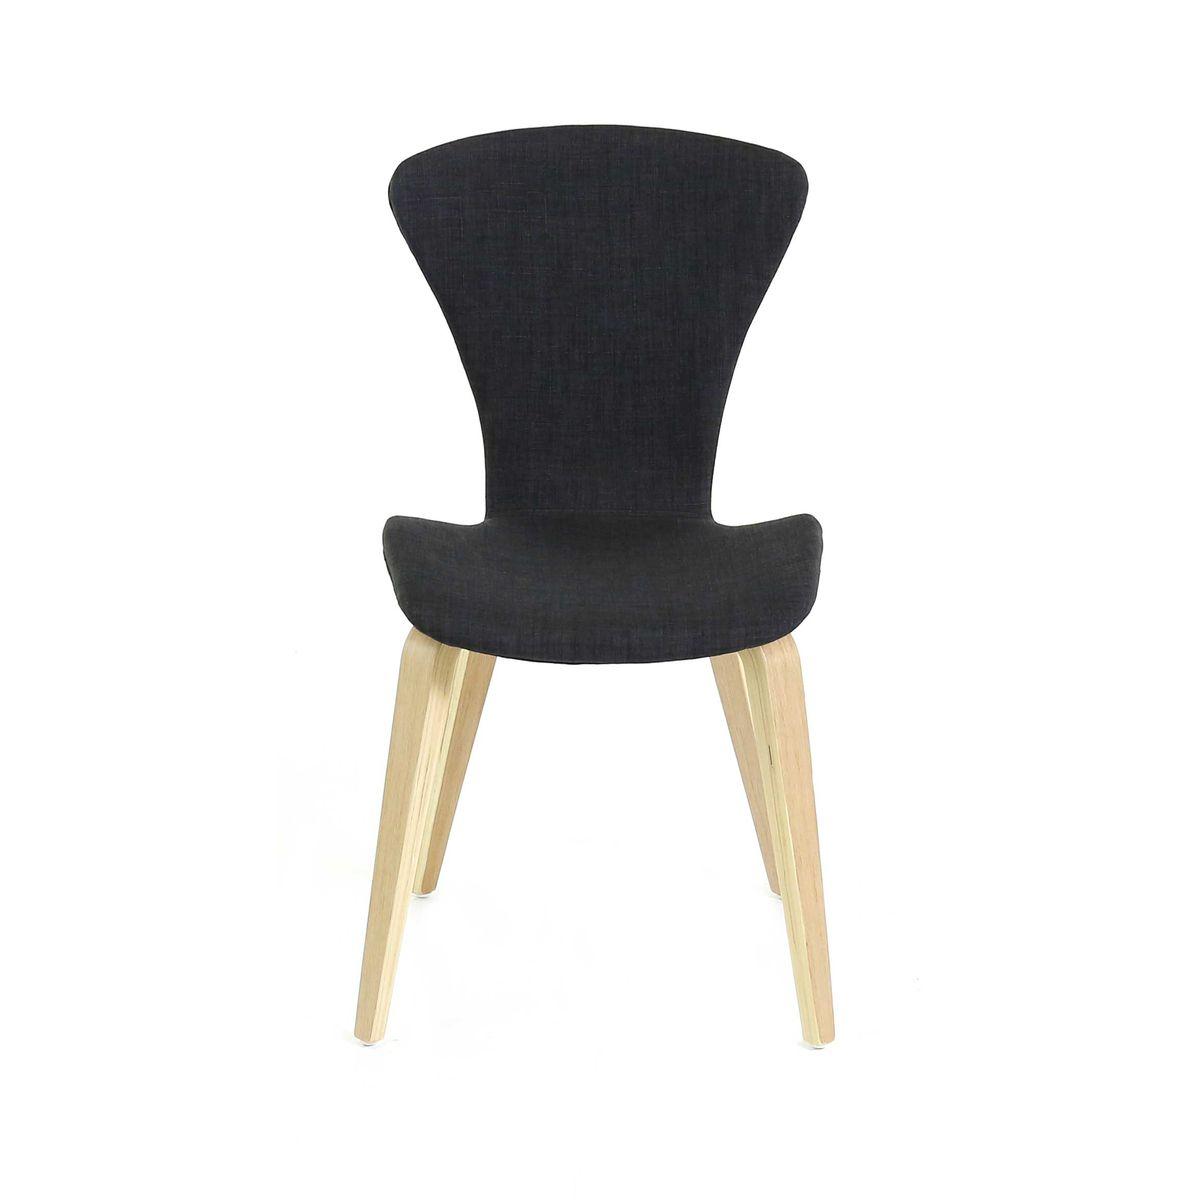 Chaise noire en tissu pi tement ch ne style scandinave zago store - Chaise en bois africaine ...